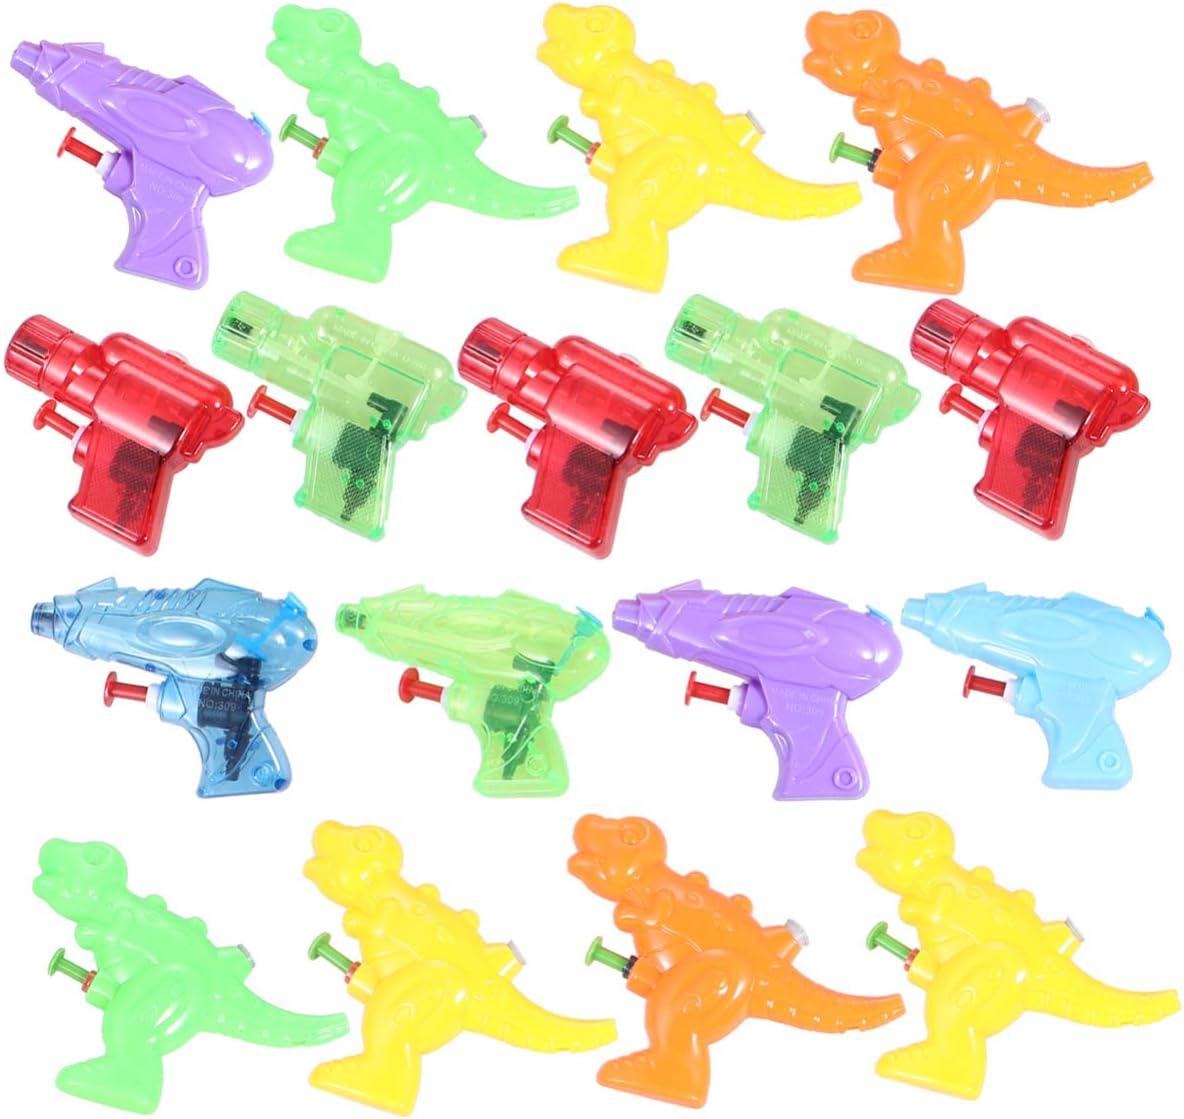 TOYANDONA 16Pcs Water Blaster Summer Toys Pequeño Chorro Juego de Playa Al Aire Libre Mini Waterhooter Squirter para Niños Piscina Diversión Fiesta Favores (Estilo Mixto)